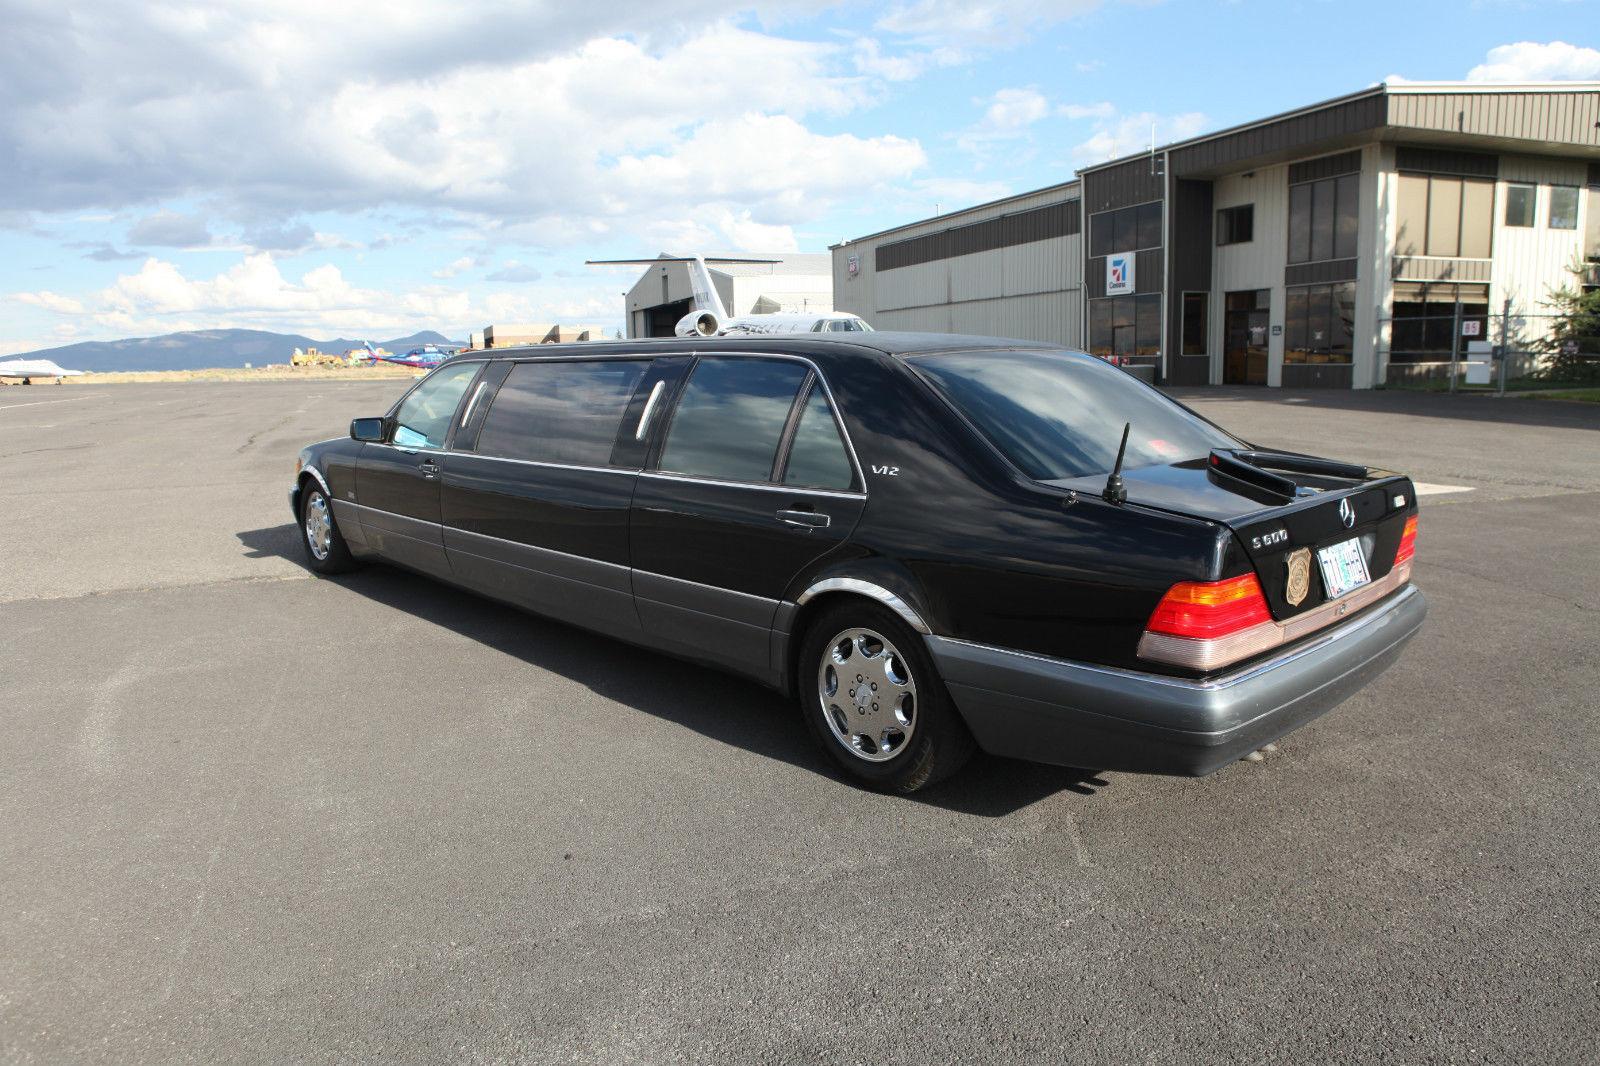 1995 mercedes benz s600 v12 limousine for sale. Black Bedroom Furniture Sets. Home Design Ideas